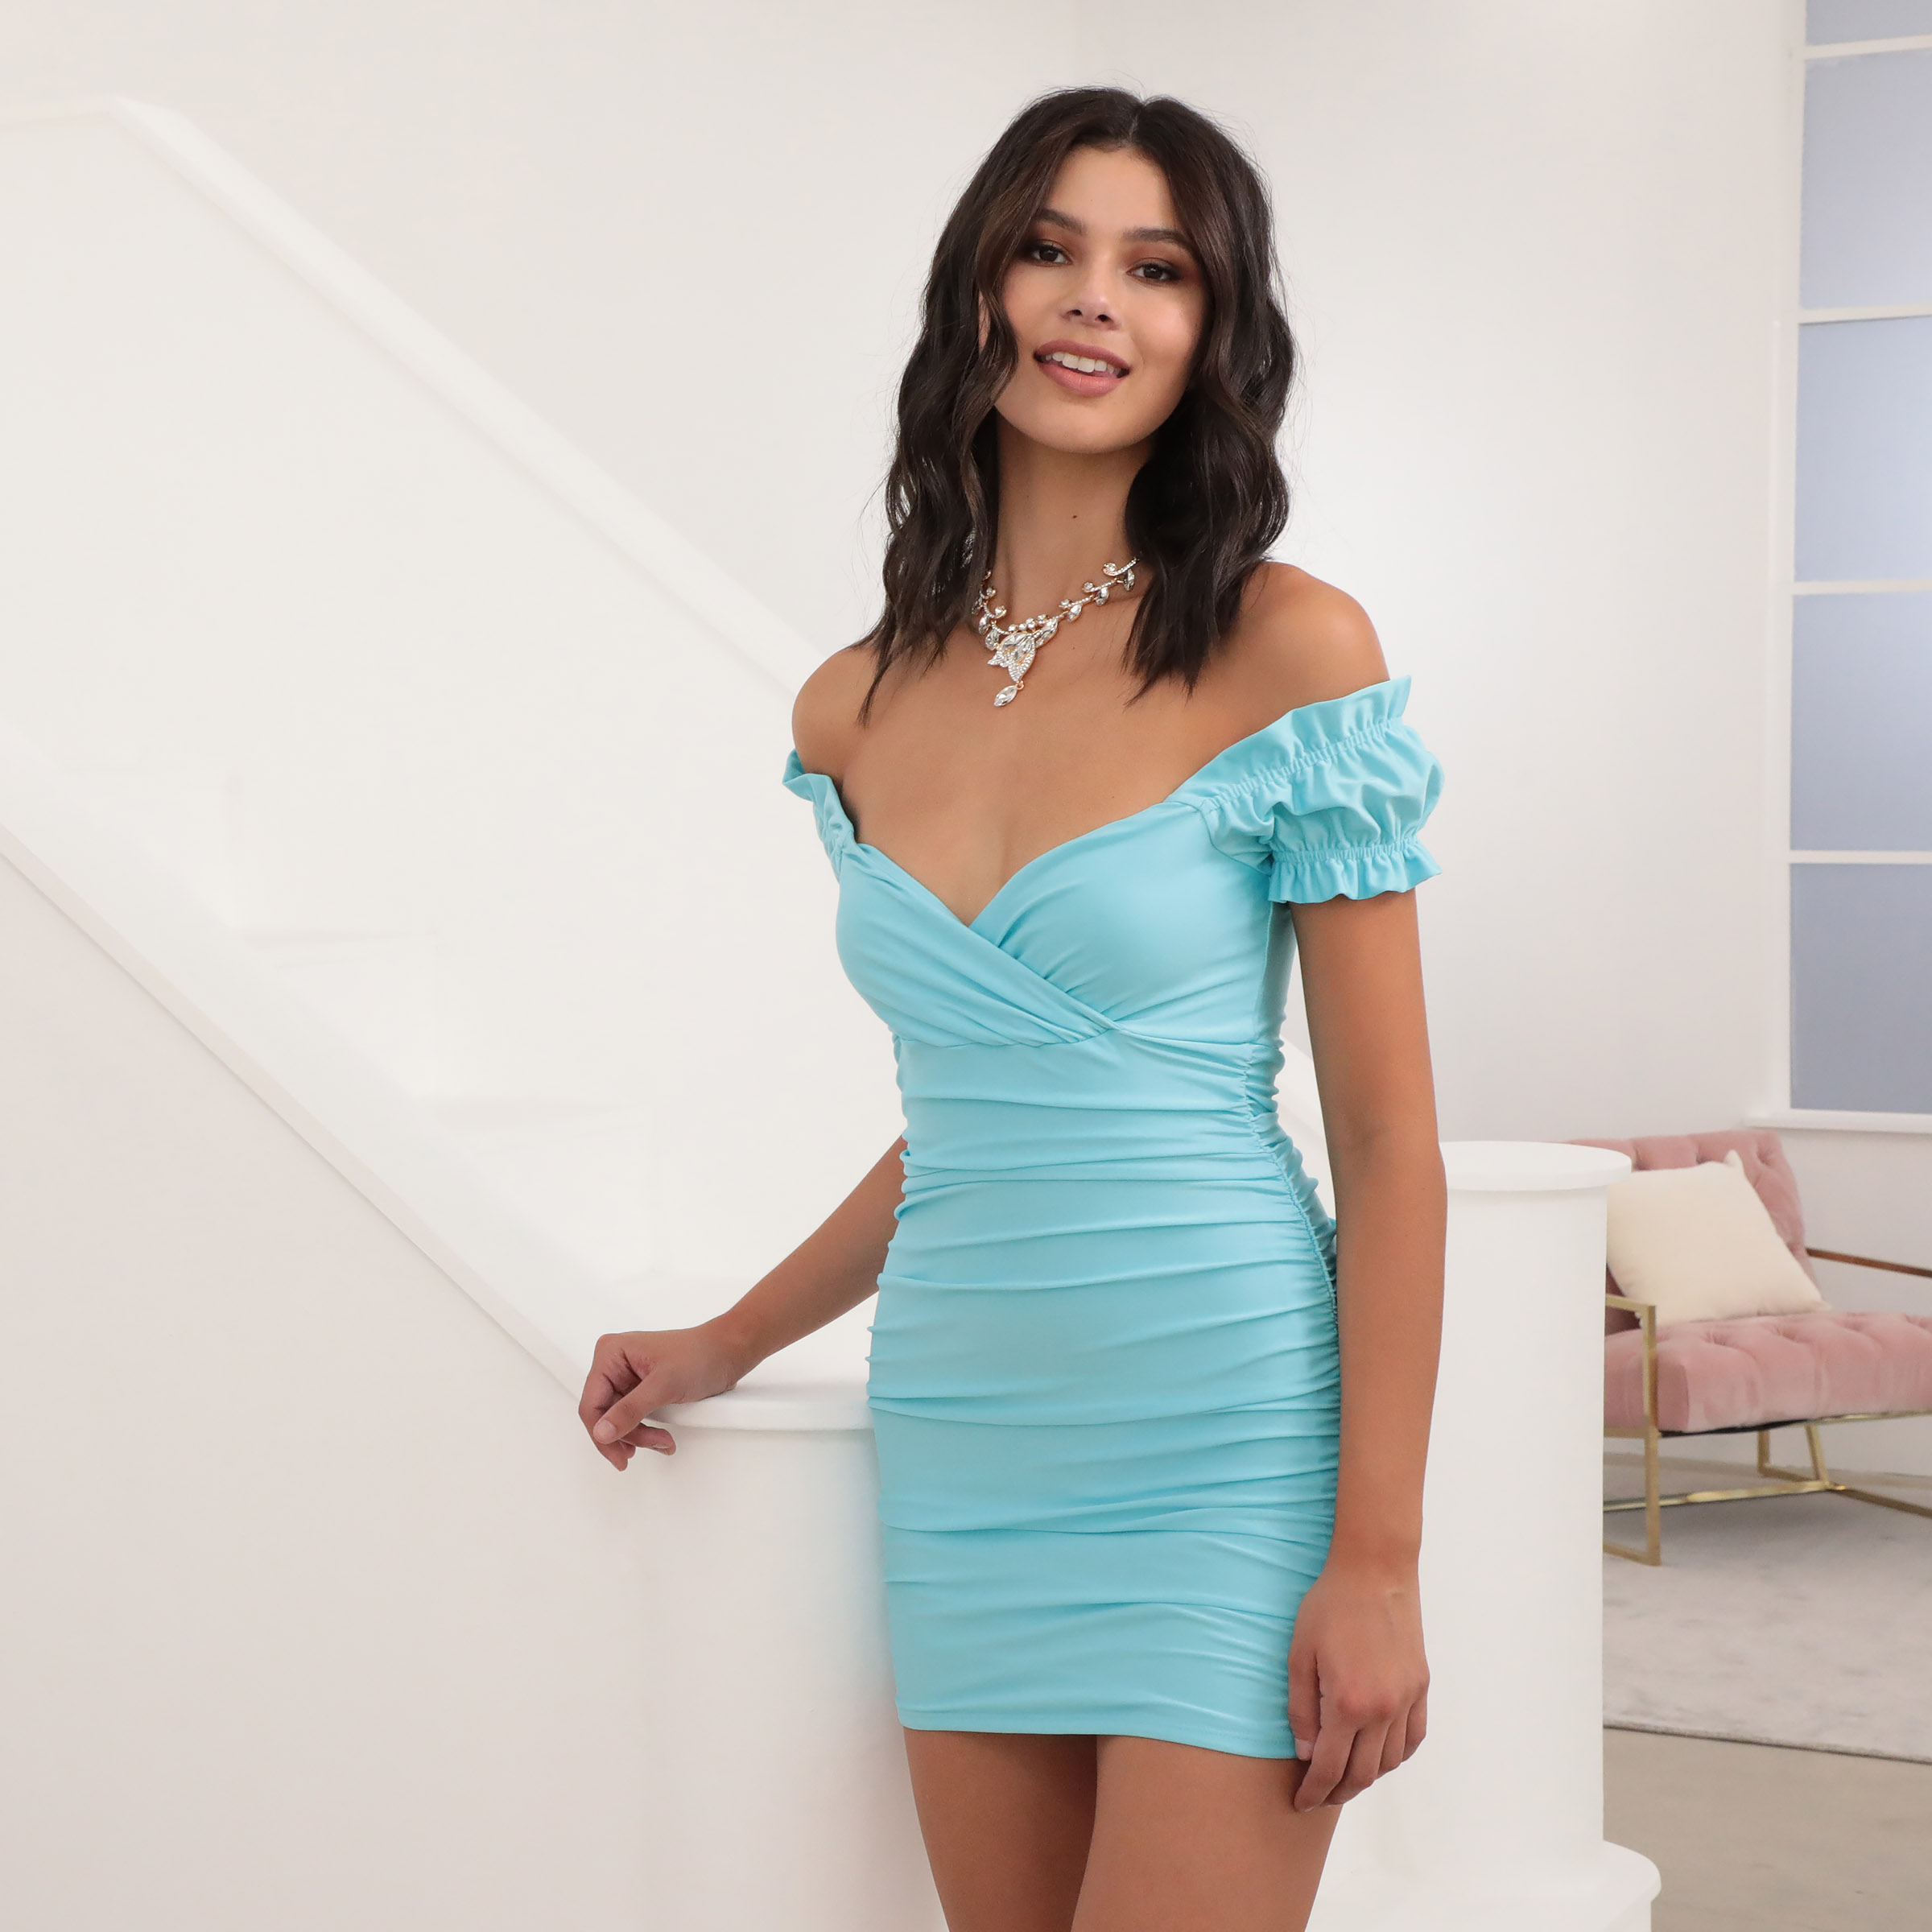 Karen Satin Puff Sleeve Dress in Aqua